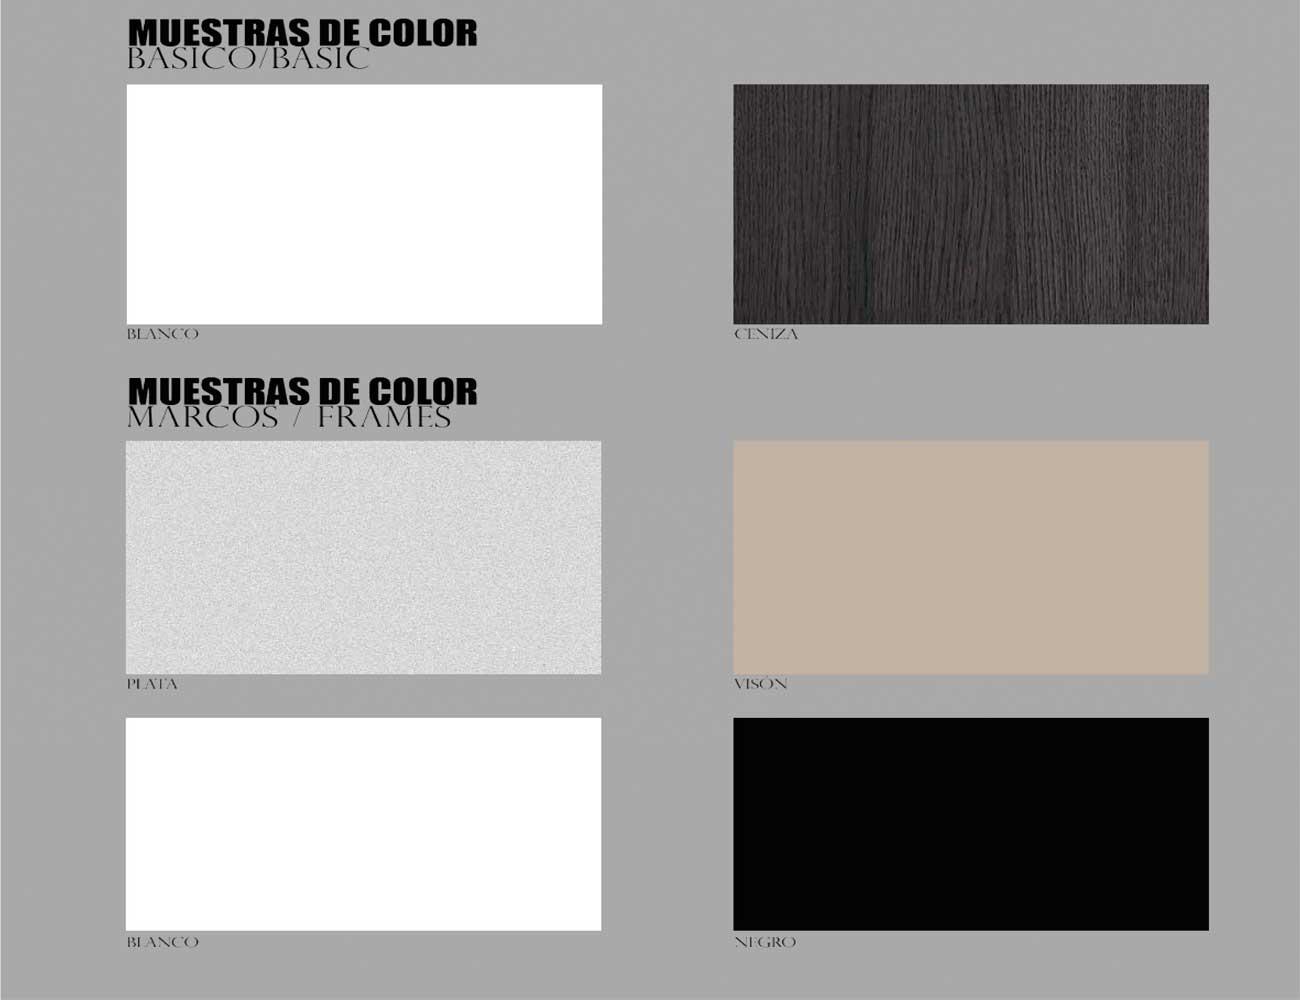 Colores tecnico11